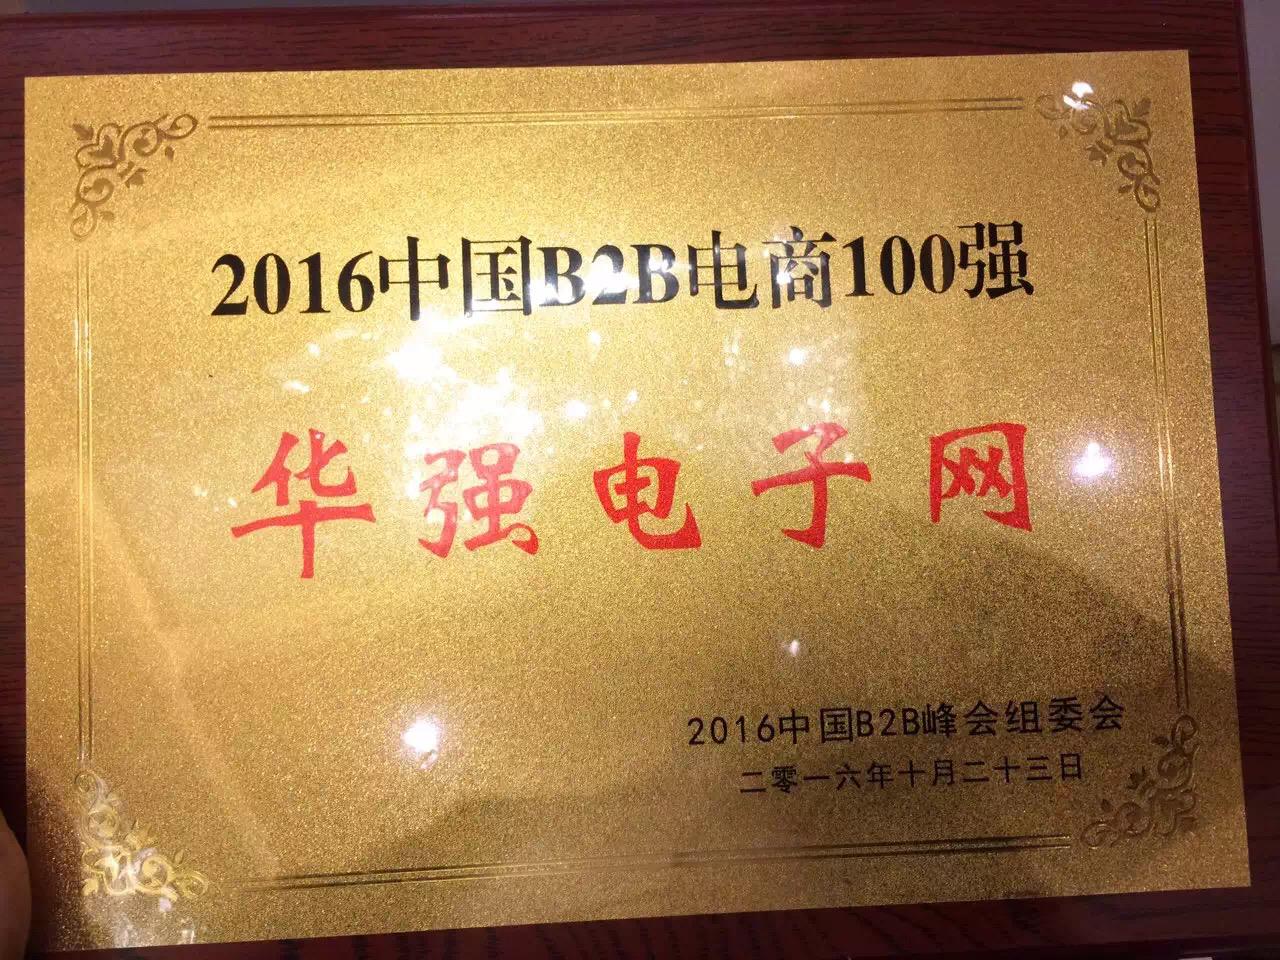 2016中国B2B电商百强